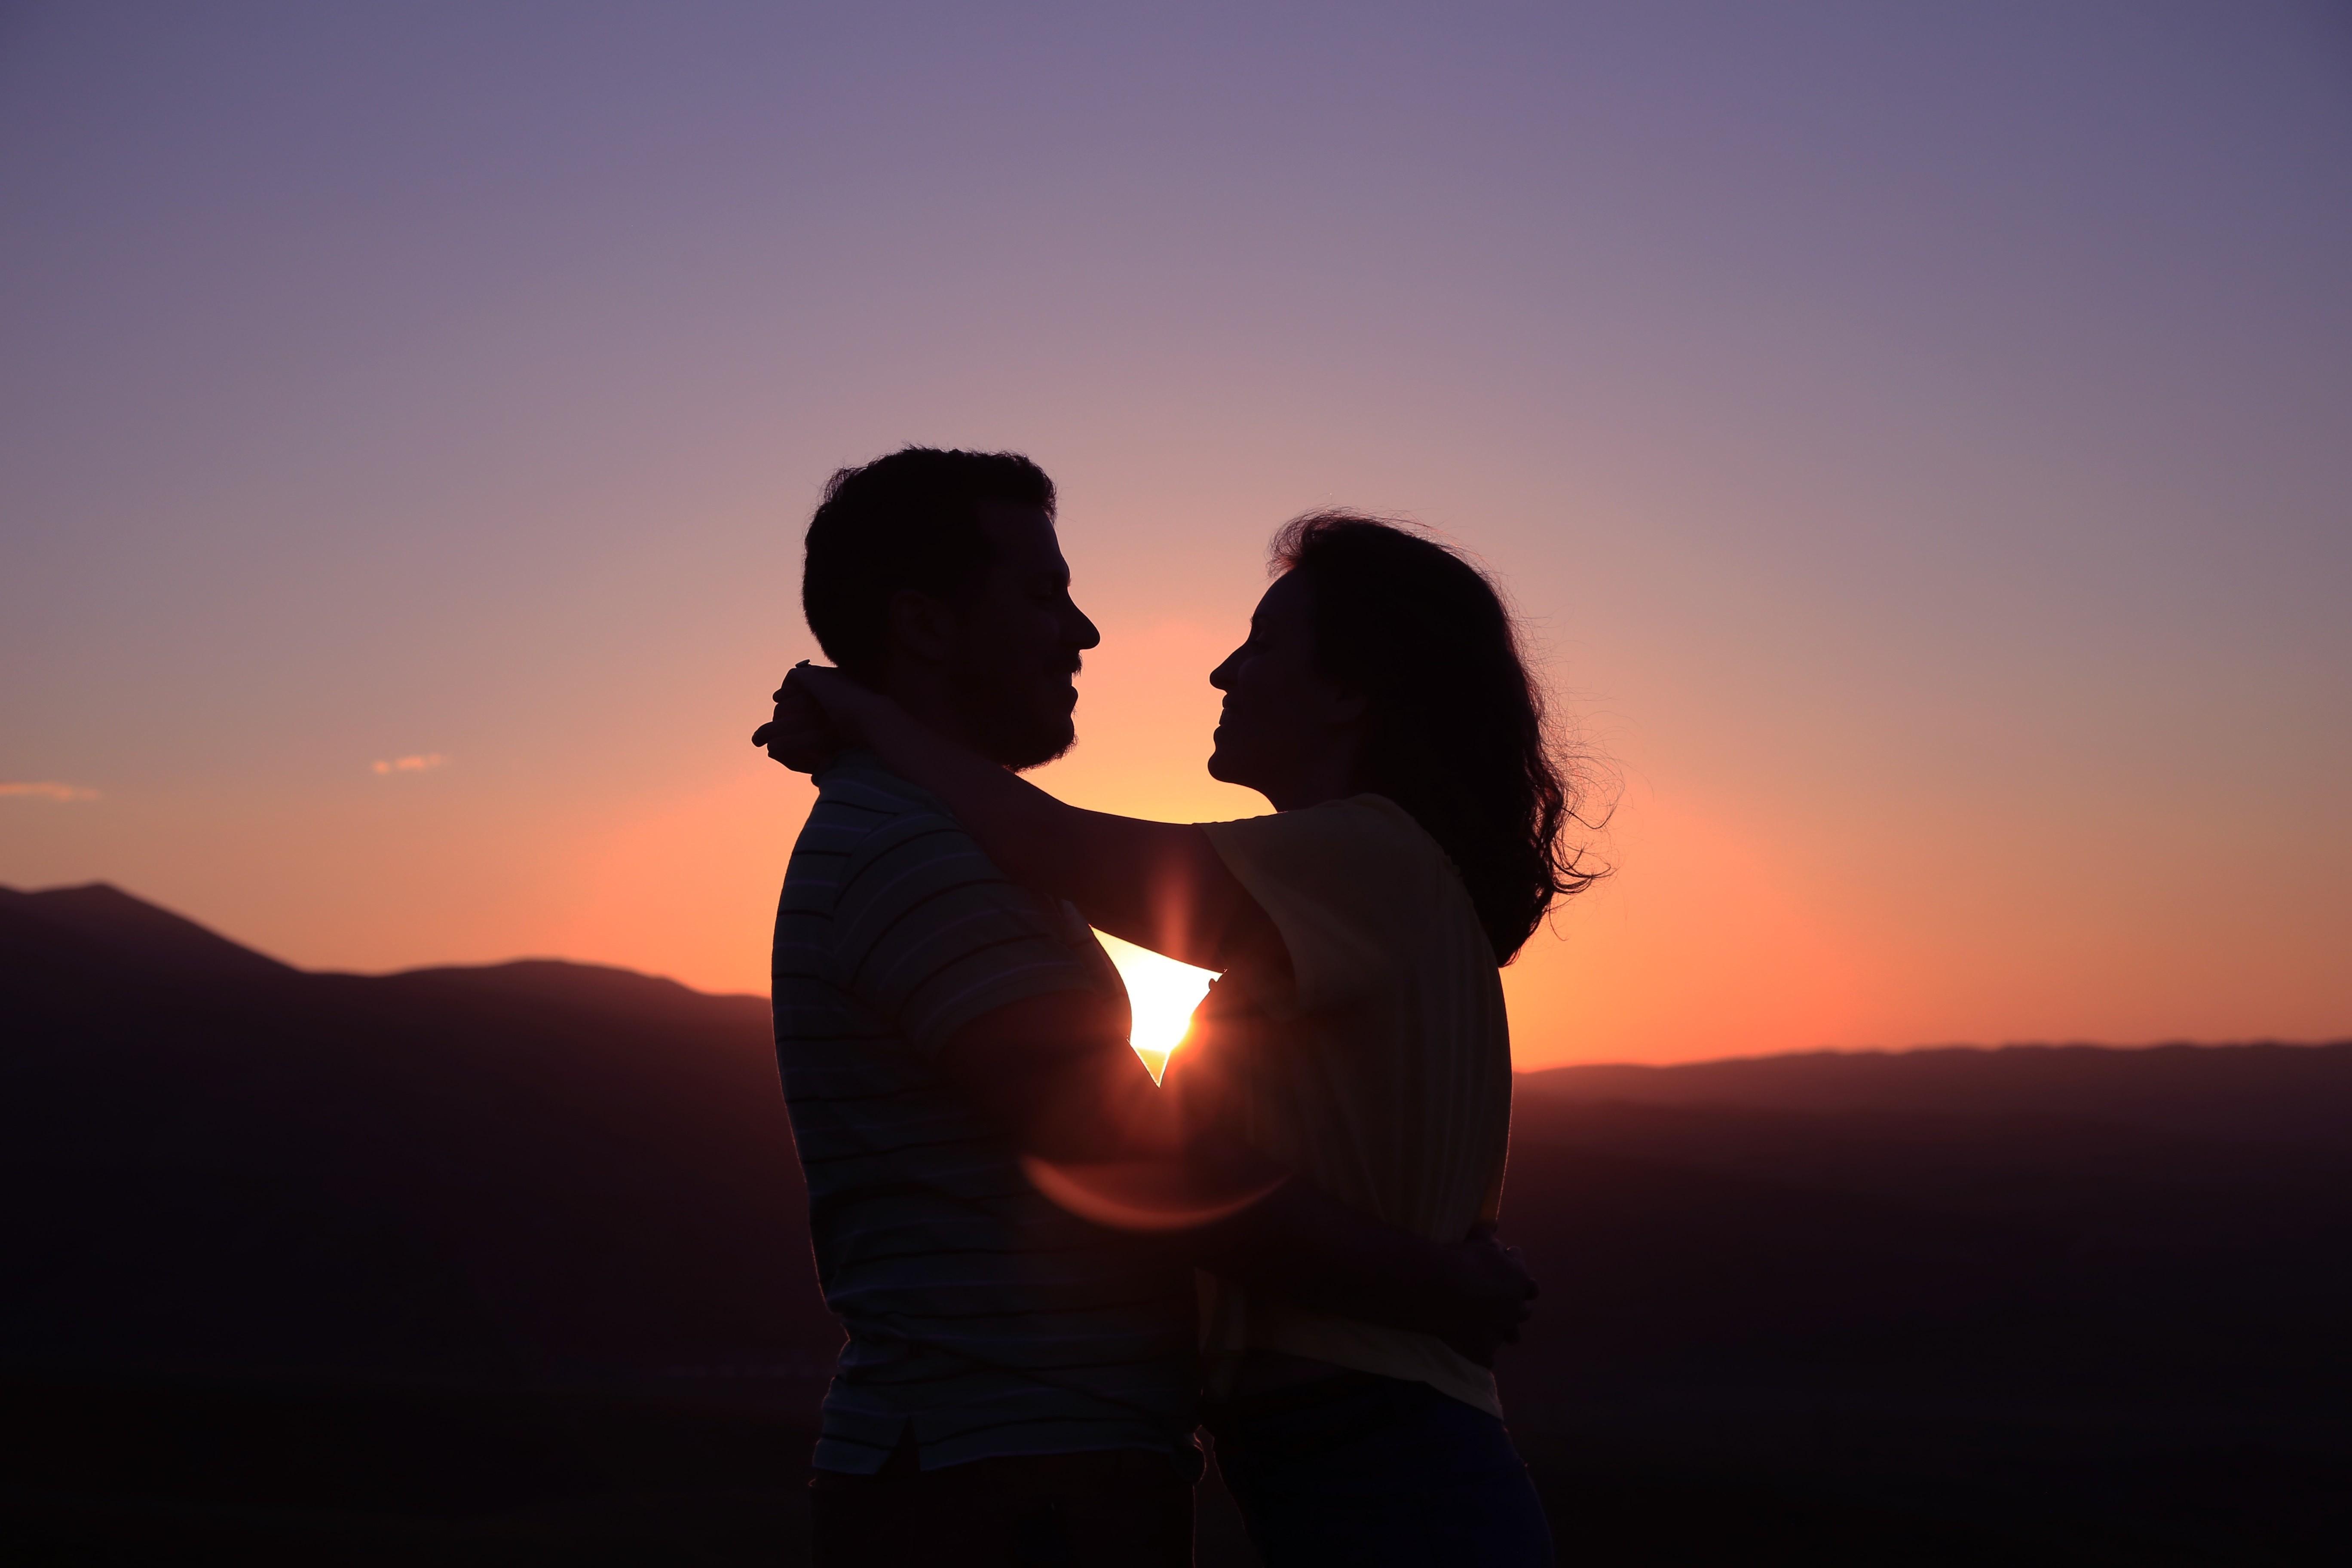 L'oroscopo di lunedì 10 febbraio. Leone: Piacevoli novità in amore